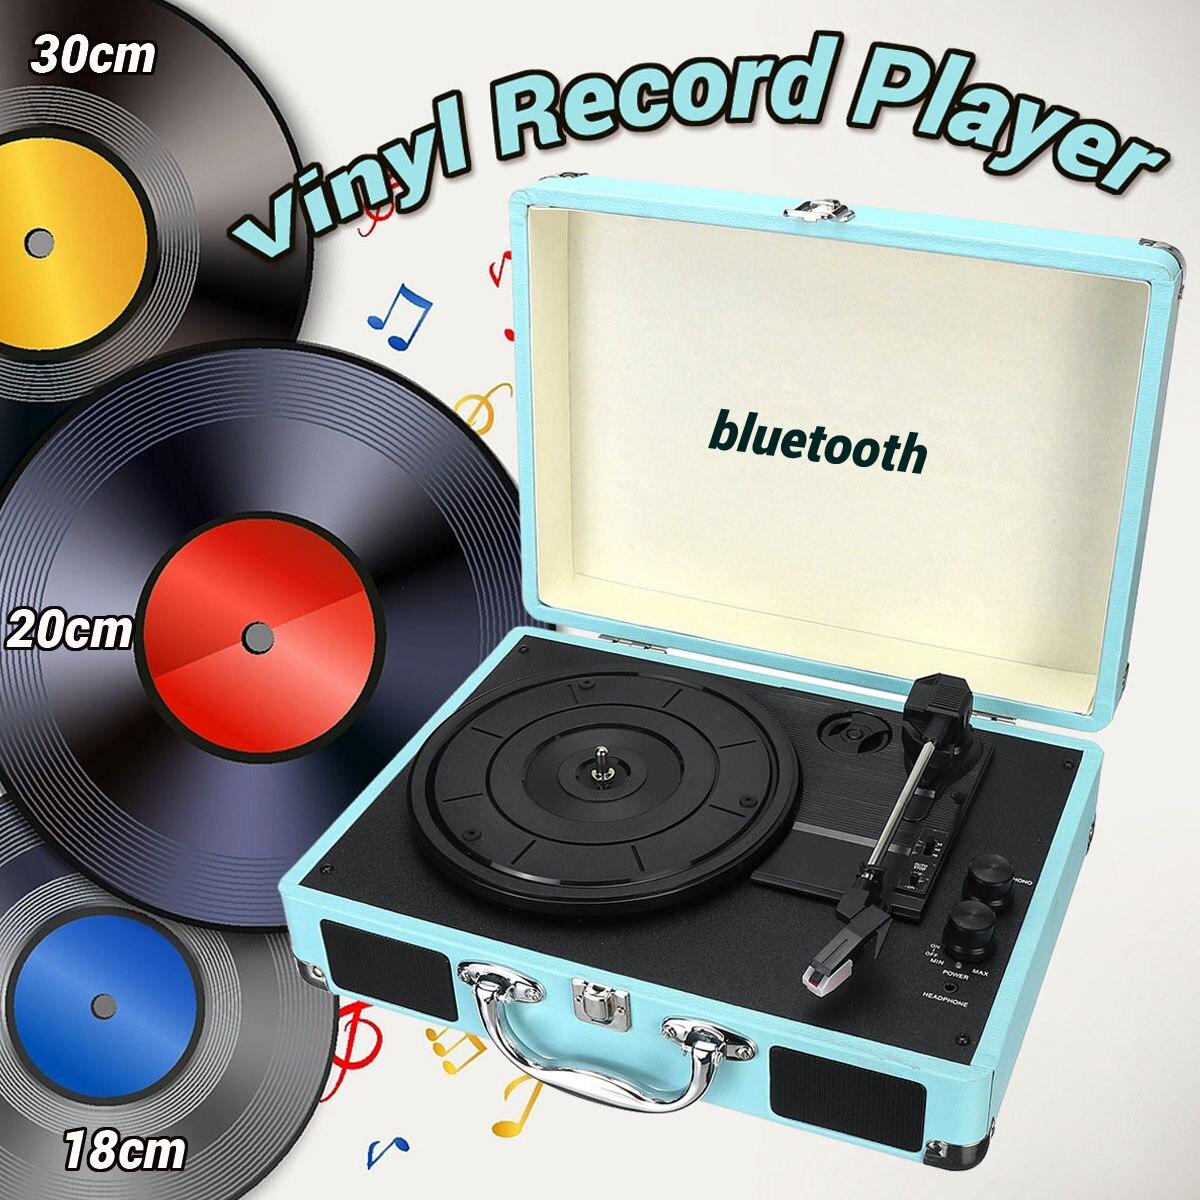 Lp Vinyl Rekord Plattenspieler Phono Drehzahlmesser Kalibrierung Strobe Disc Stroboskop Matte 33 45 78 Rpm Plattenspieler Unterhaltungselektronik